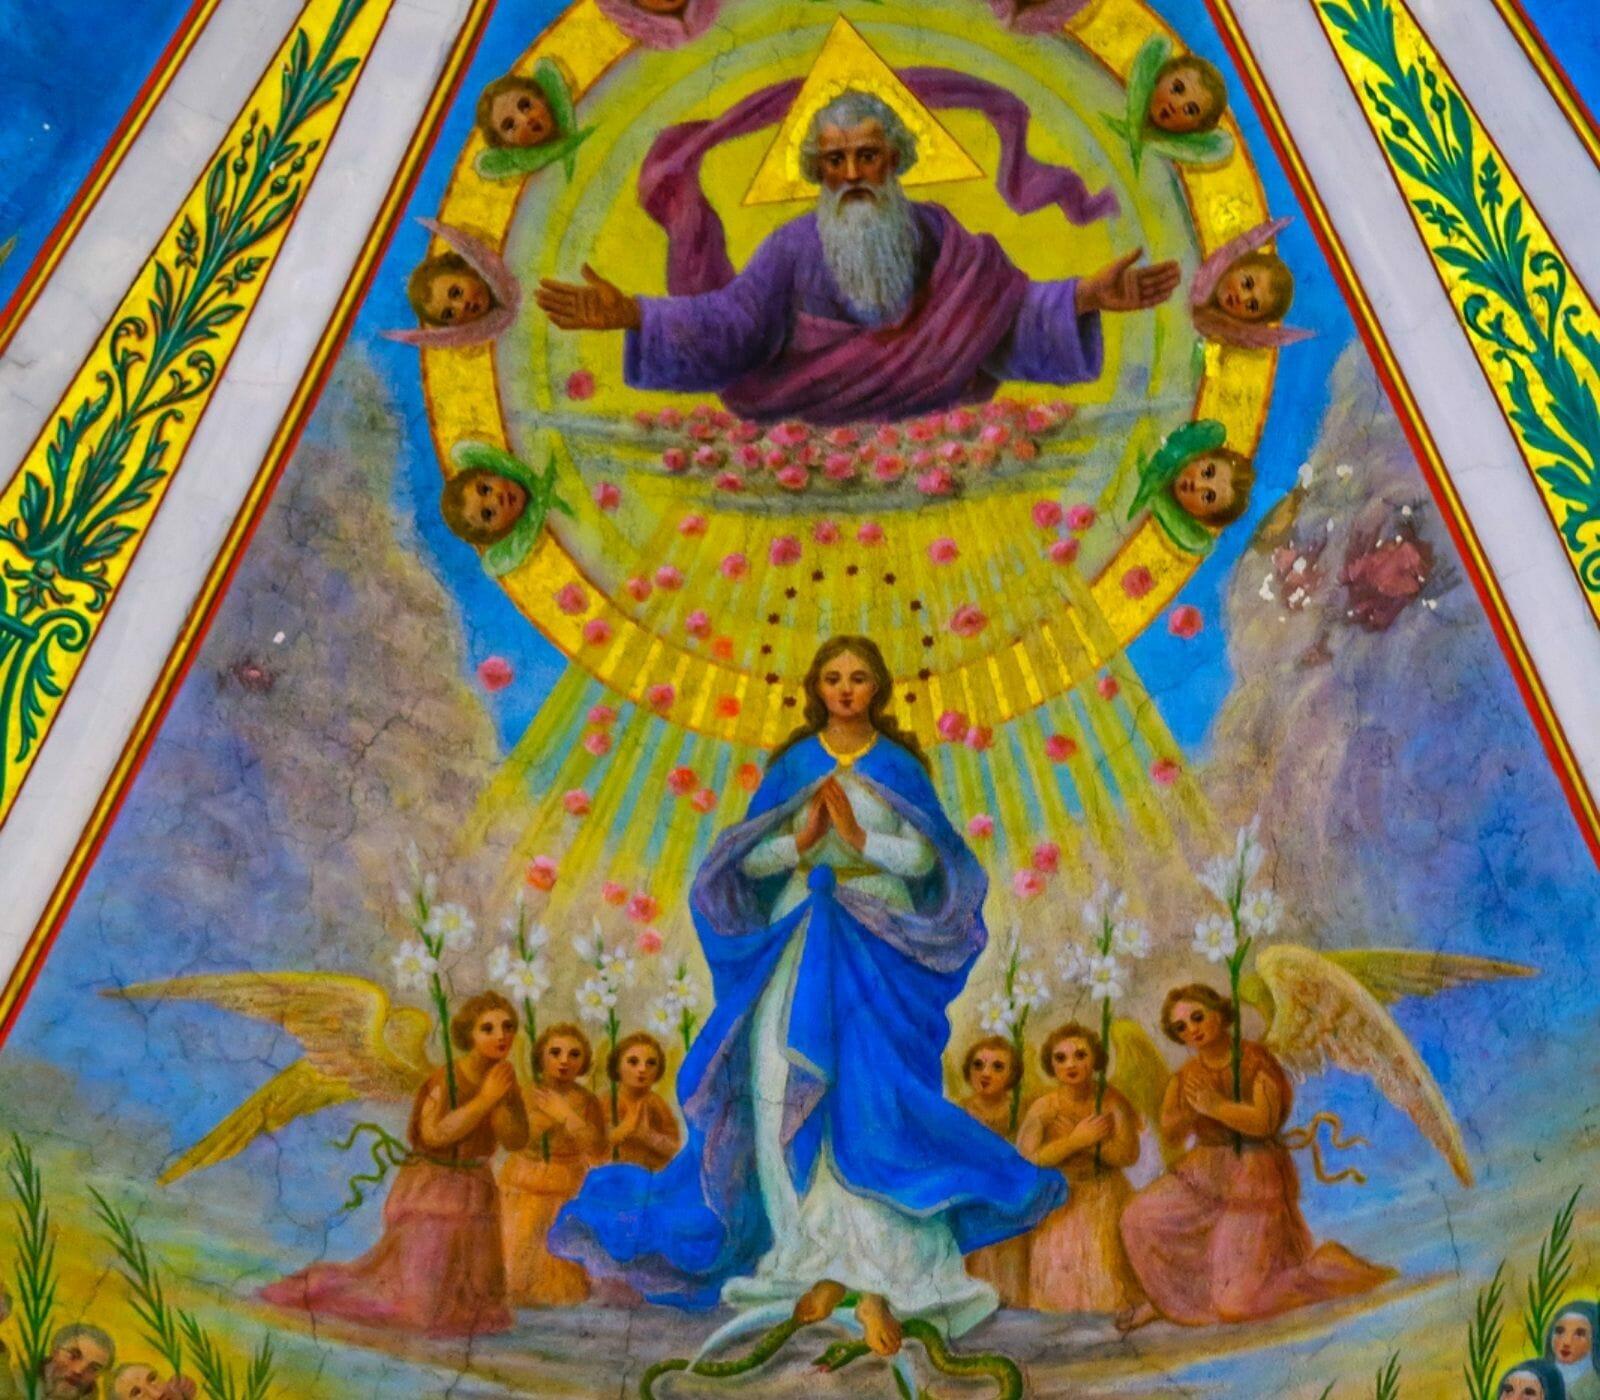 The devotion of Mount Carmel